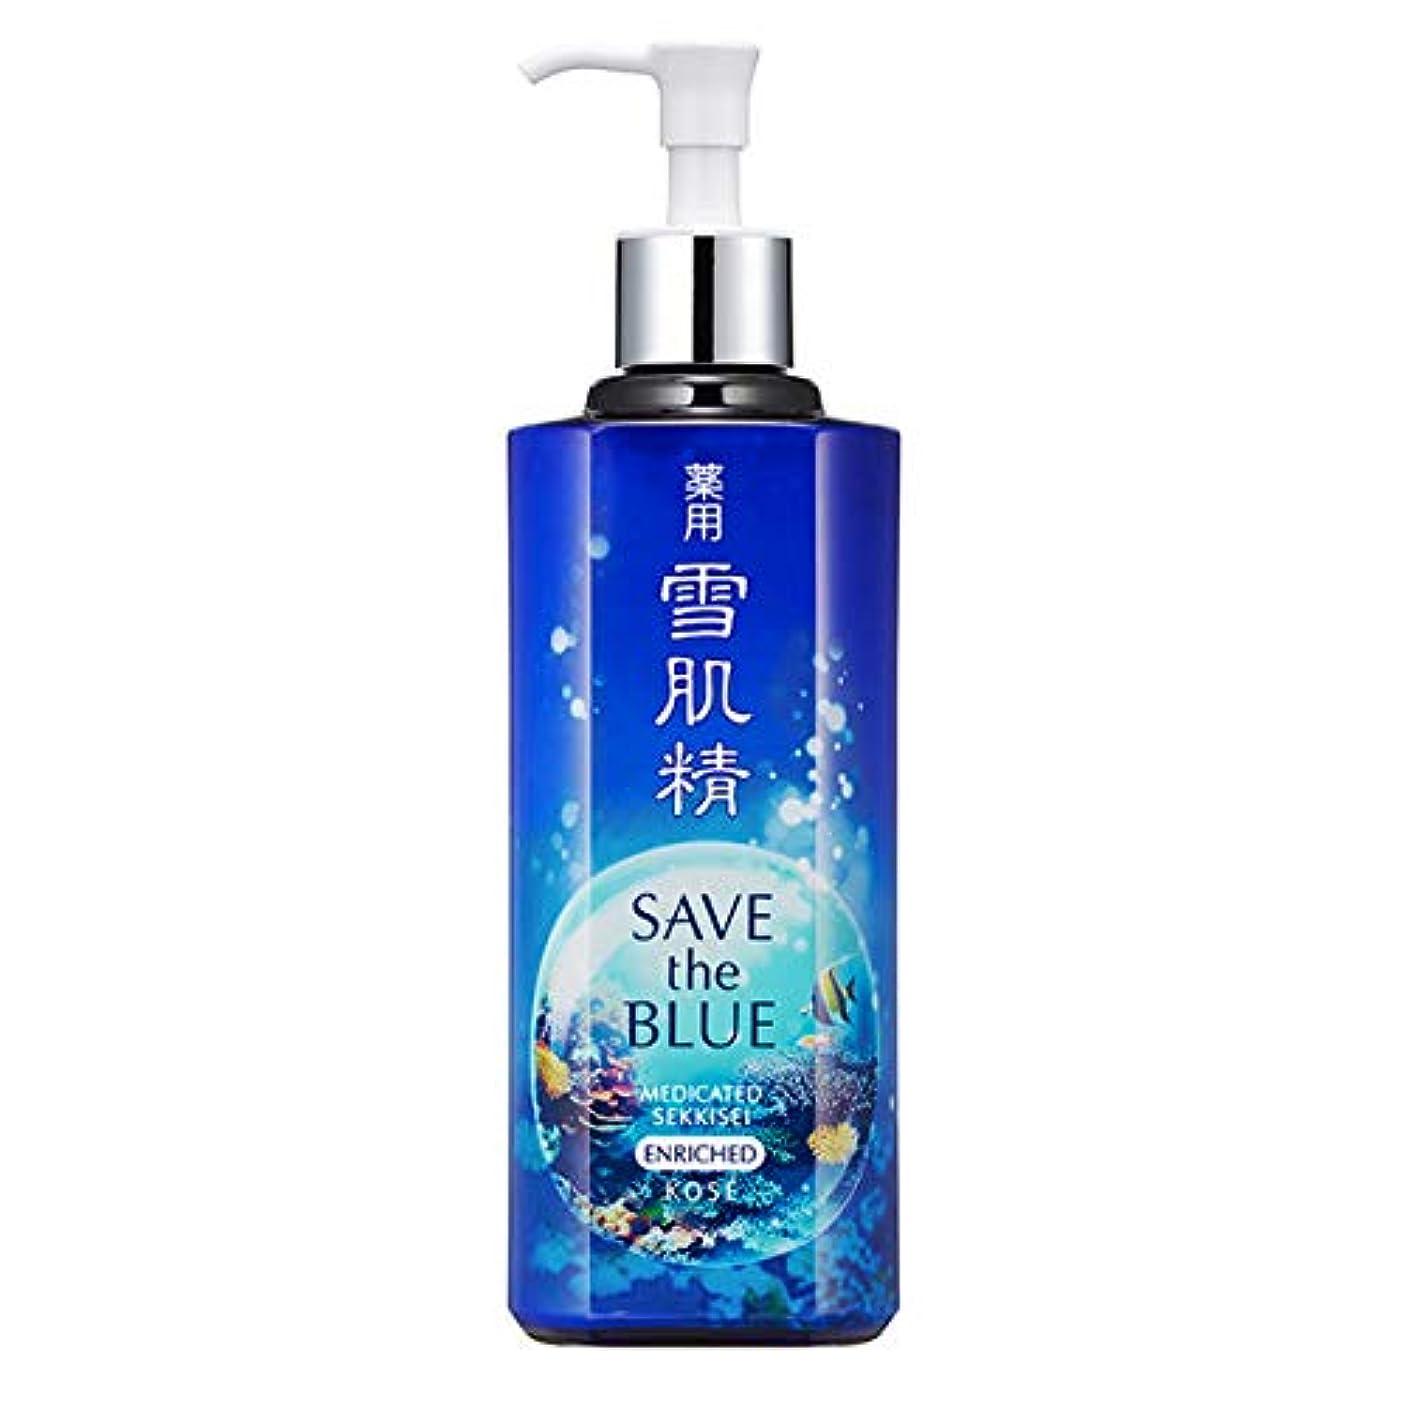 エスニック実証するワードローブコーセー 雪肌精 エンリッチ 「SAVE the BLUE」デザインボトル(しっとりタイプ) 500ml